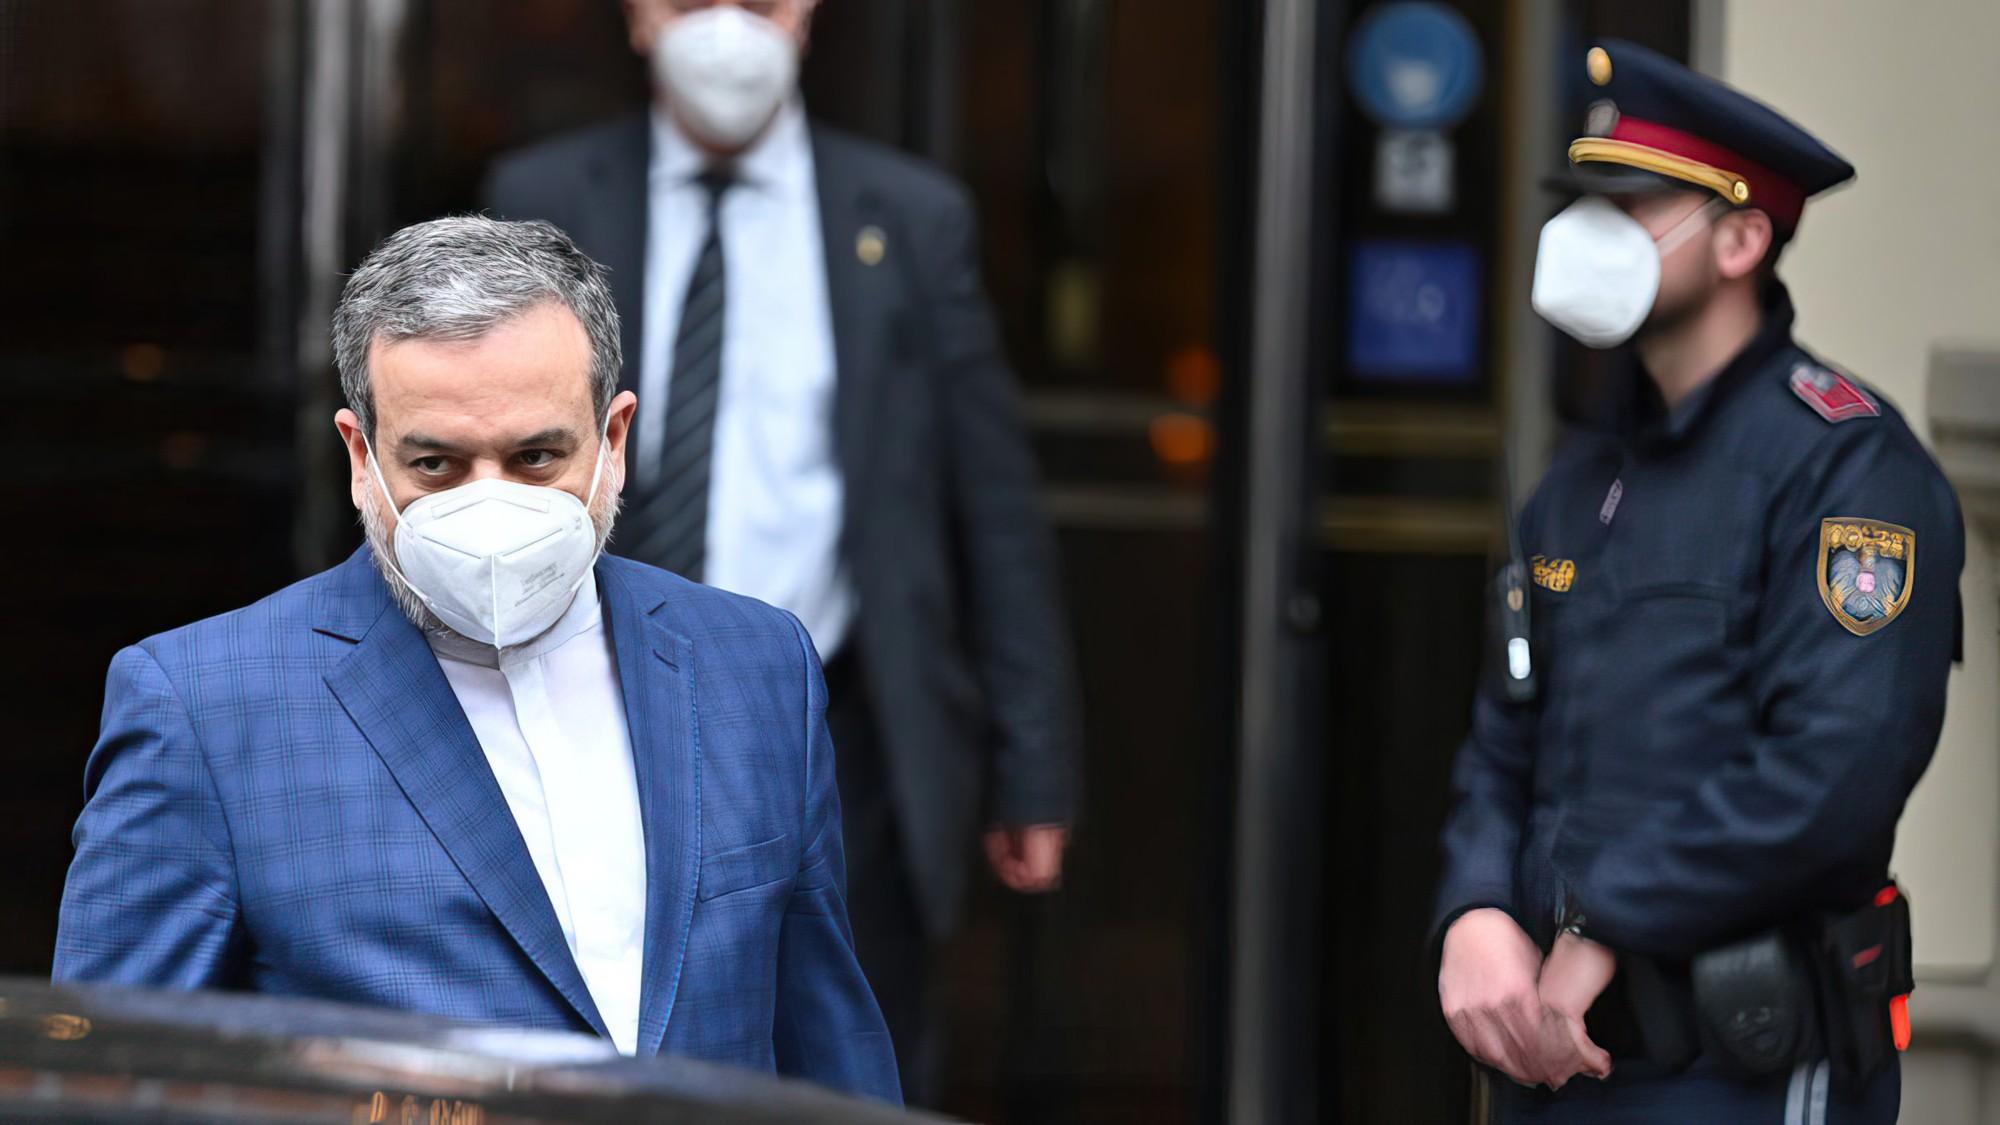 Irá está a solo unas semanas de obtener armas nucleares